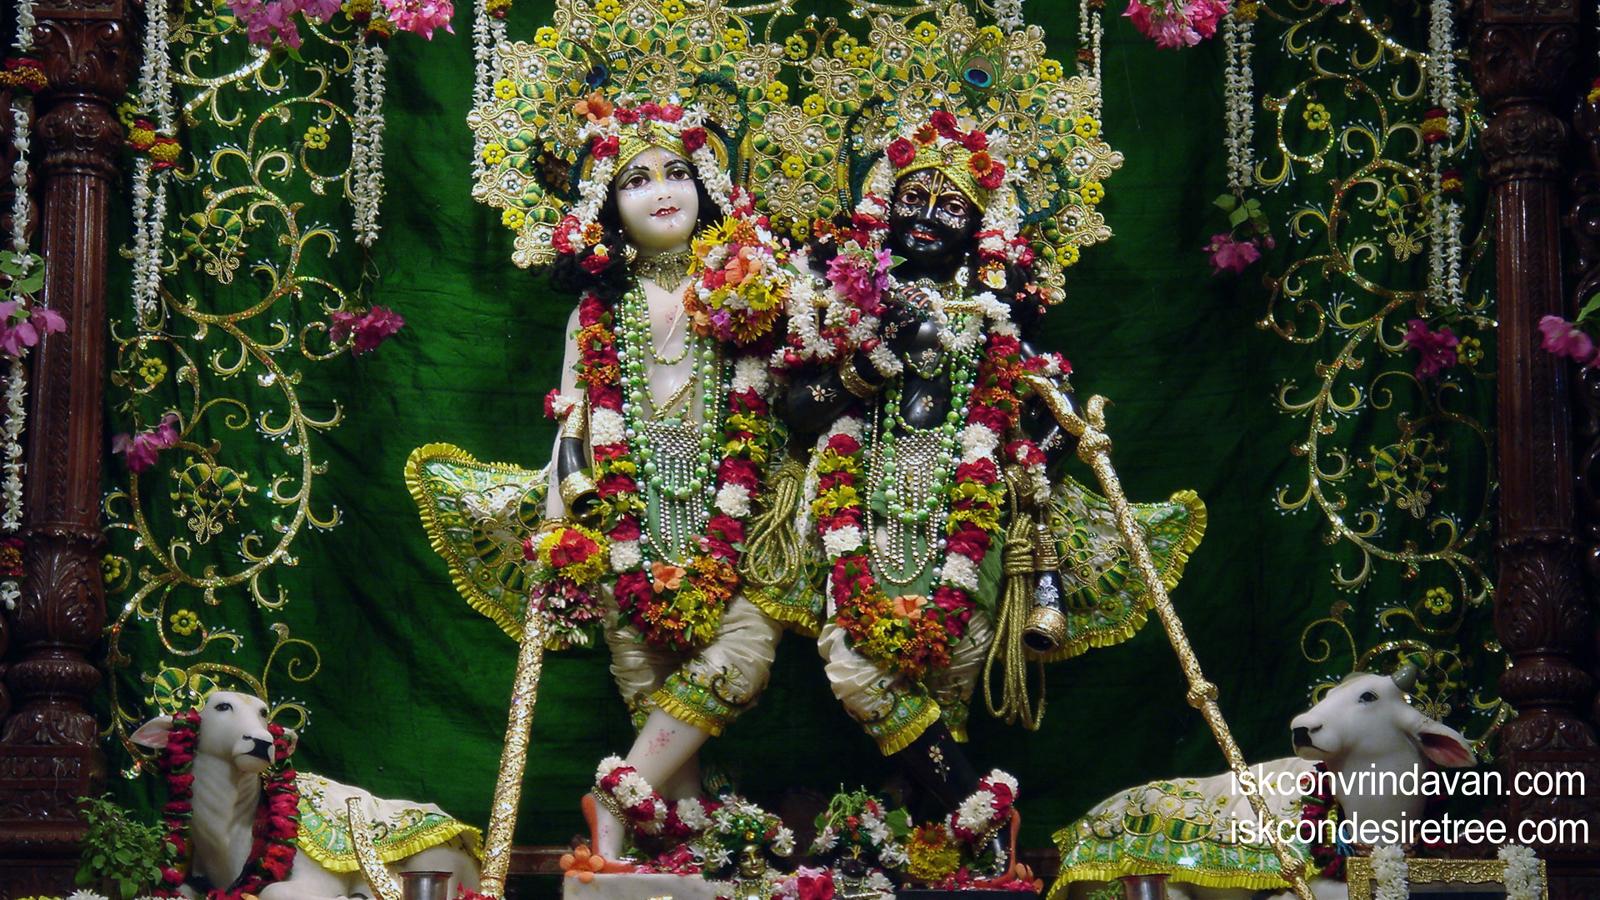 Sri Sri Krishna Balaram Wallpaper (056) Size 1600x900 Download